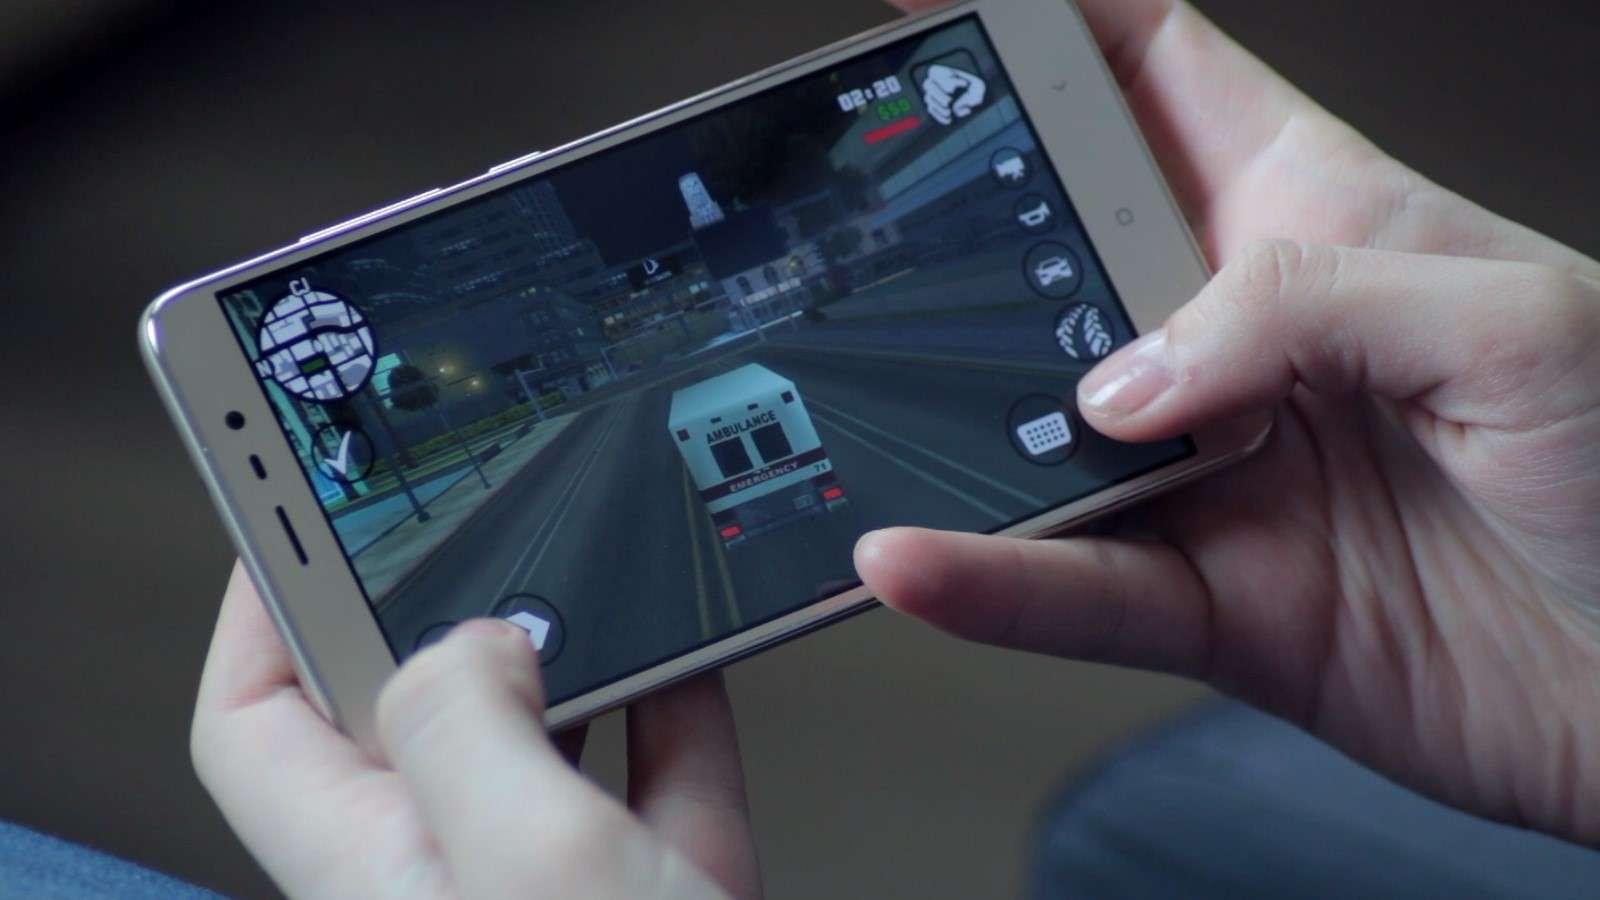 Xiaomi Redmi Note 3 Pro SE: міцний [модернізований] китаєць (Огляд)